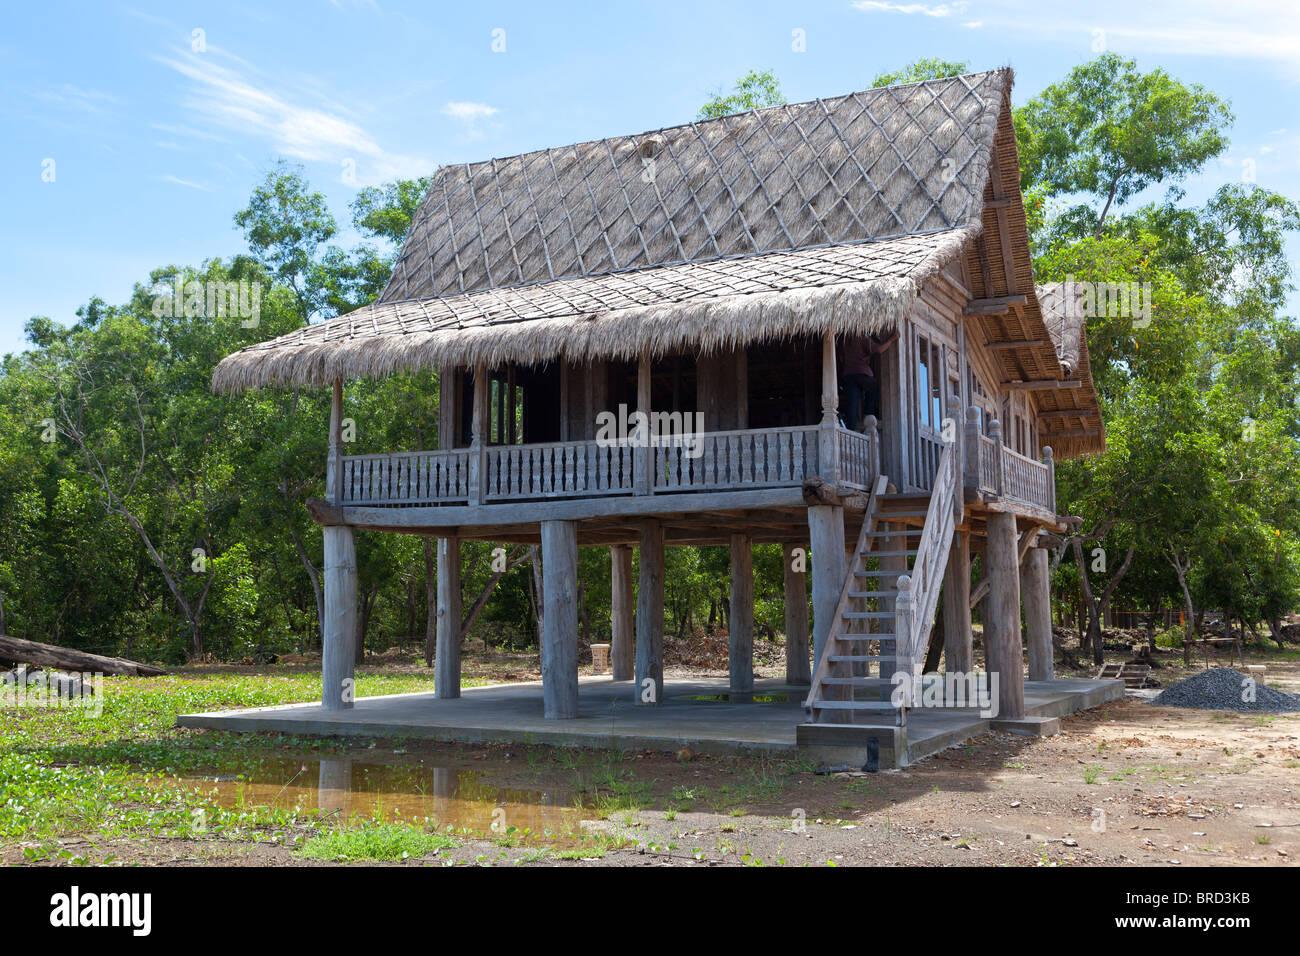 Traditional Wooden Malaysian House Tuaran Sabah Borneo